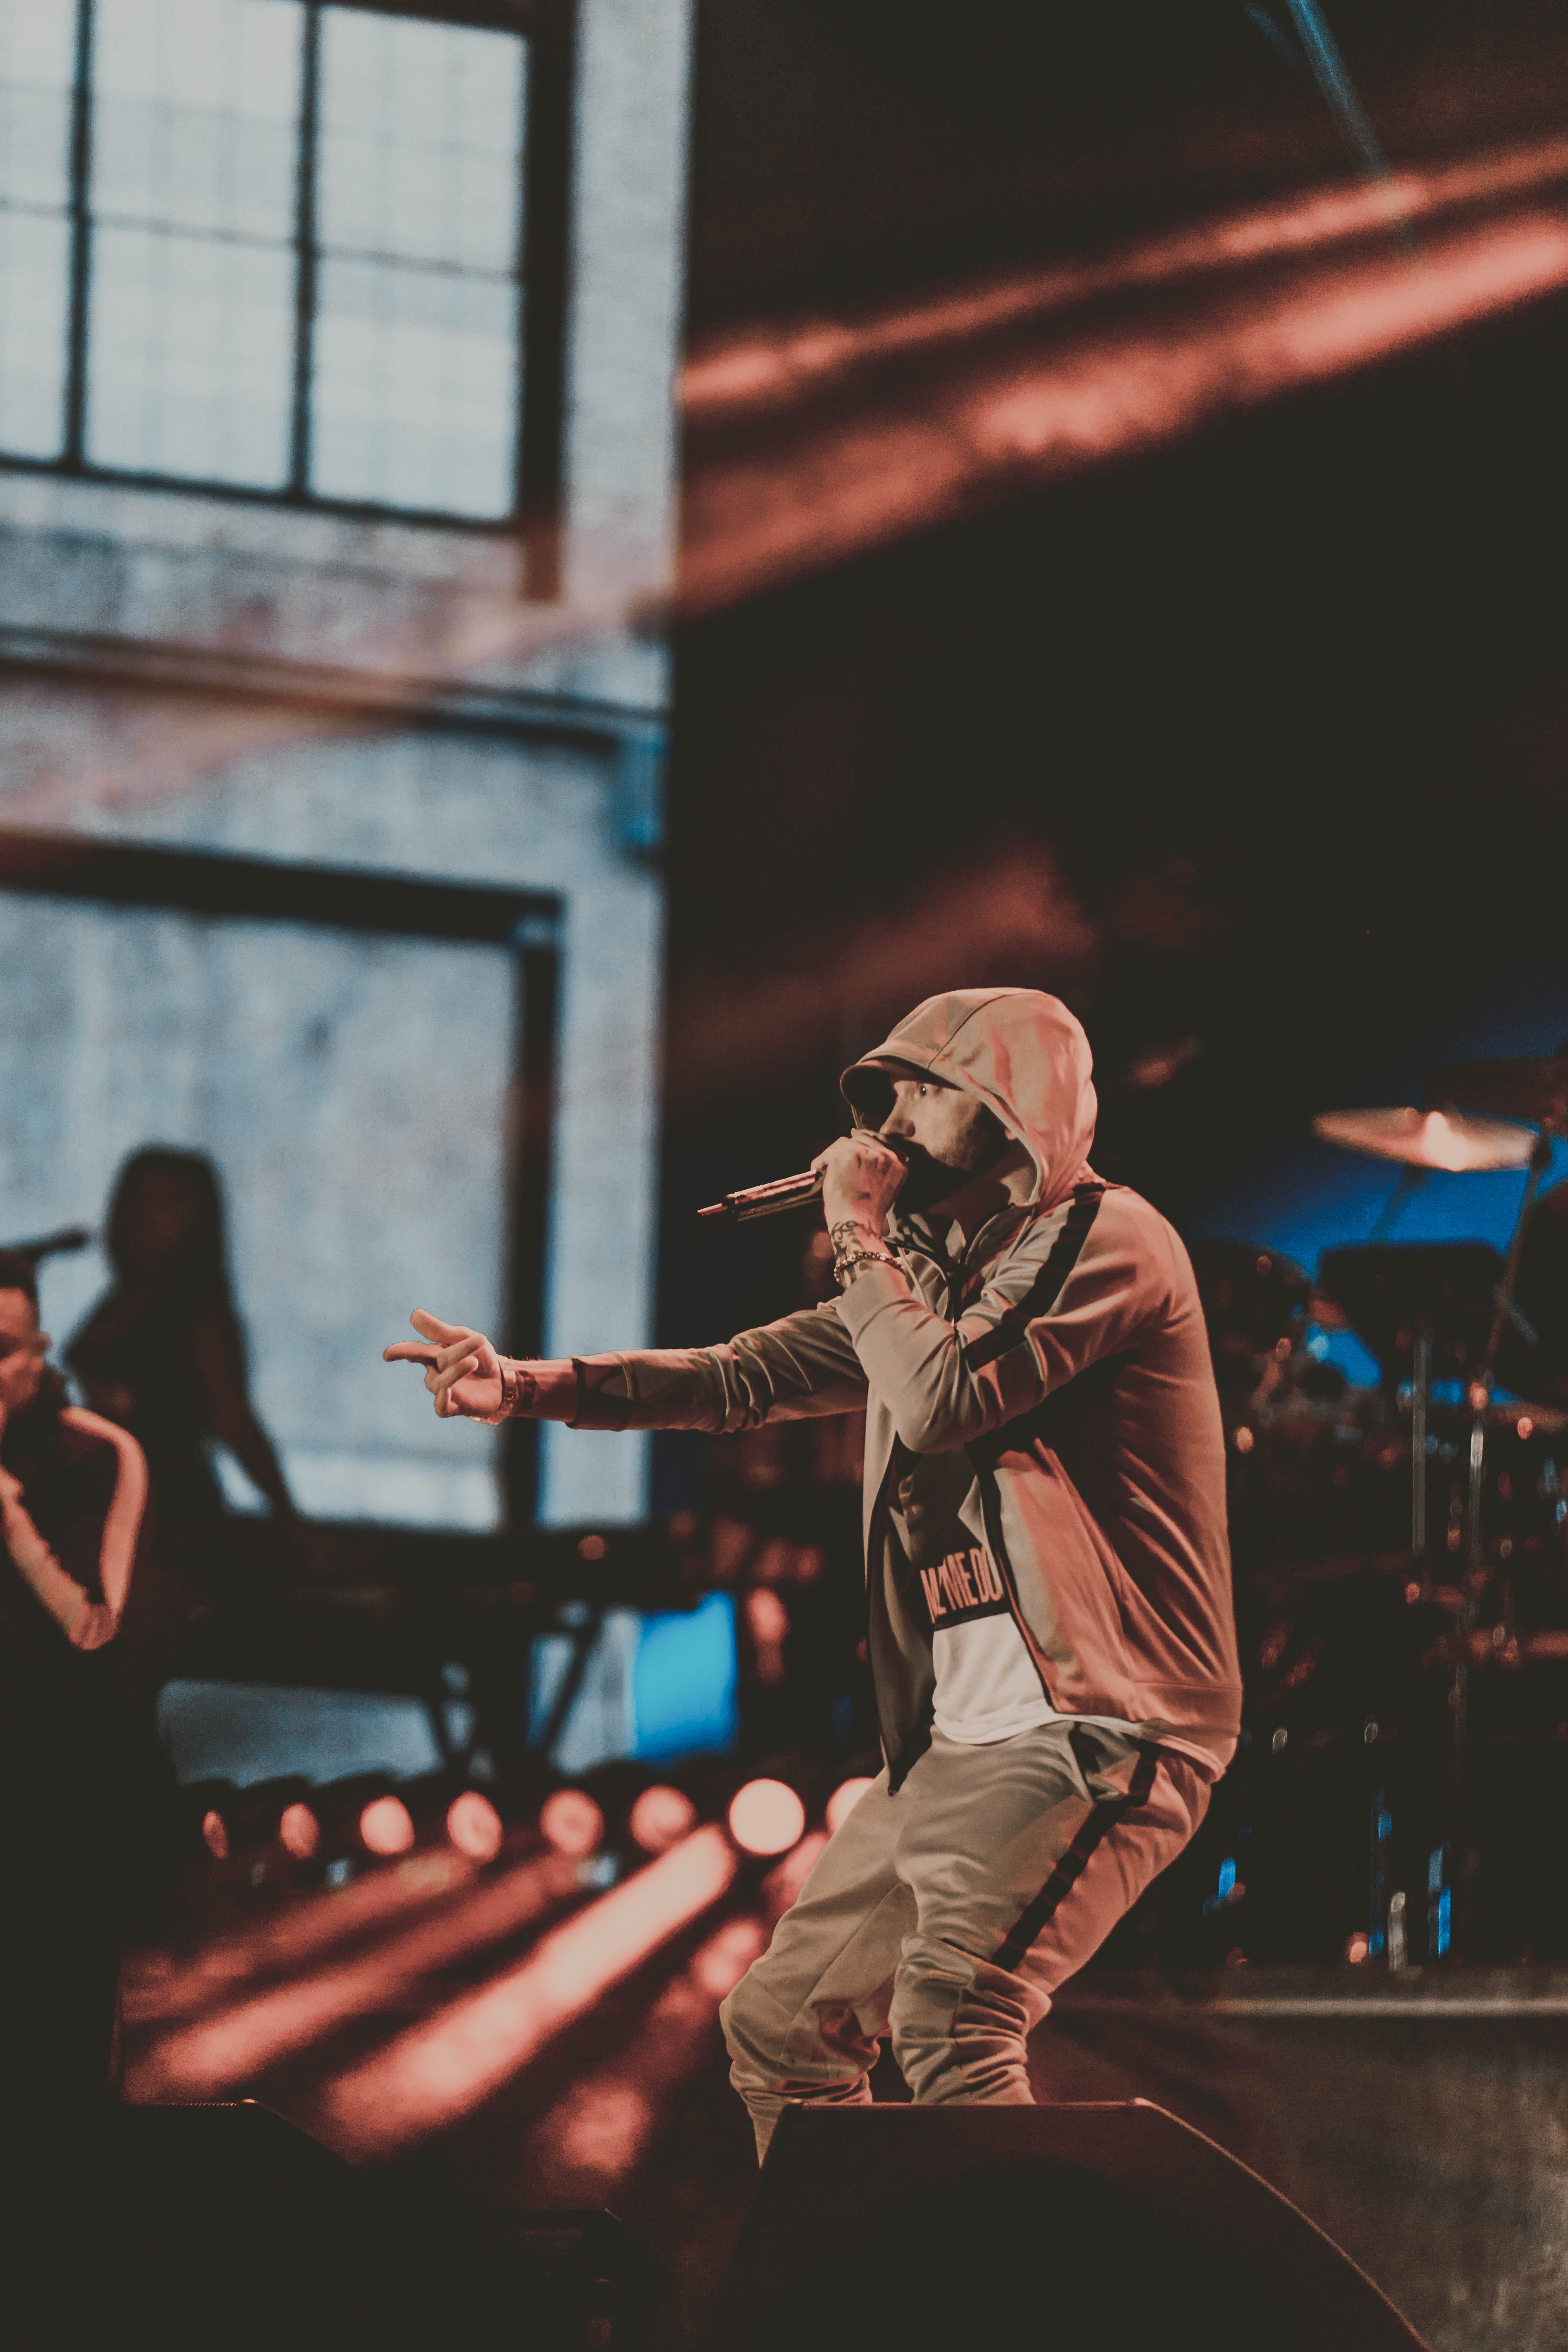 Этот прекрасный фотоотчёт с концерта Эминема на фестивале Bonnaroo 2018 прислал в редакцию «Eminem.Pro» фотограф Crhristian Sarkine